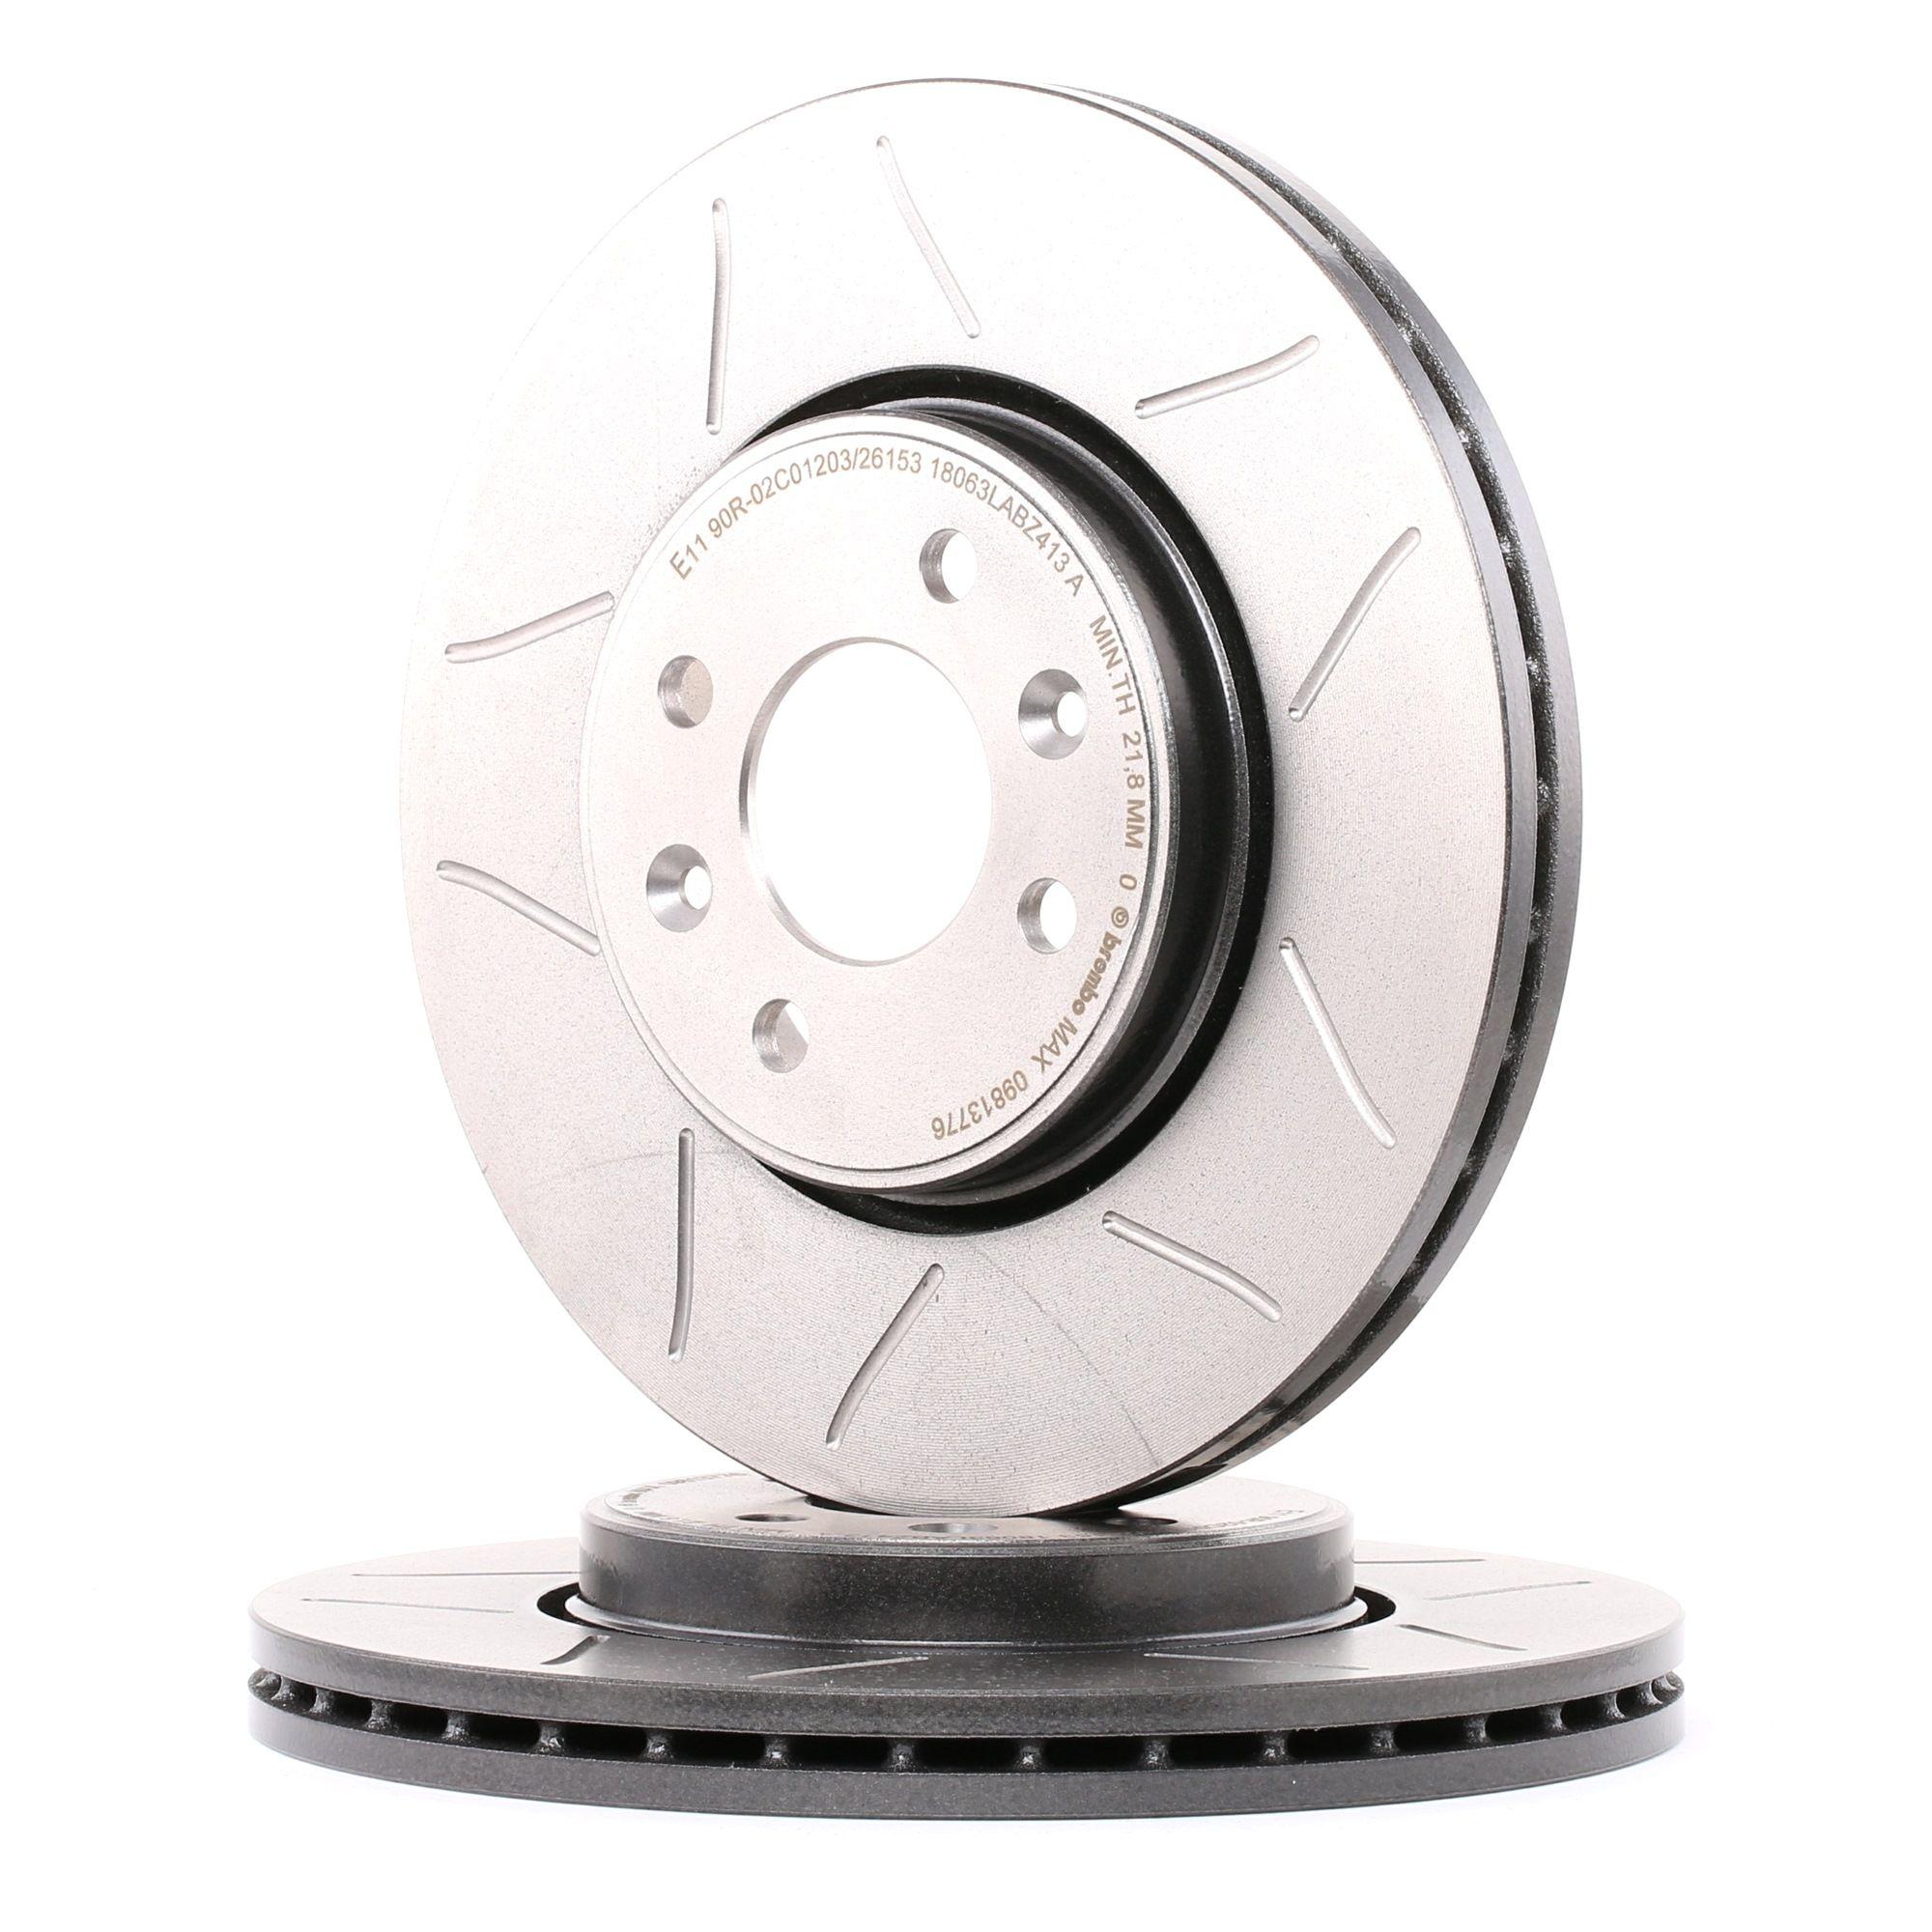 Achetez Disques de frein BREMBO 09.8137.76 (Ø: 280mm, Nbre de trous: 4, Épaisseur du disque de frein: 24mm) à un rapport qualité-prix exceptionnel